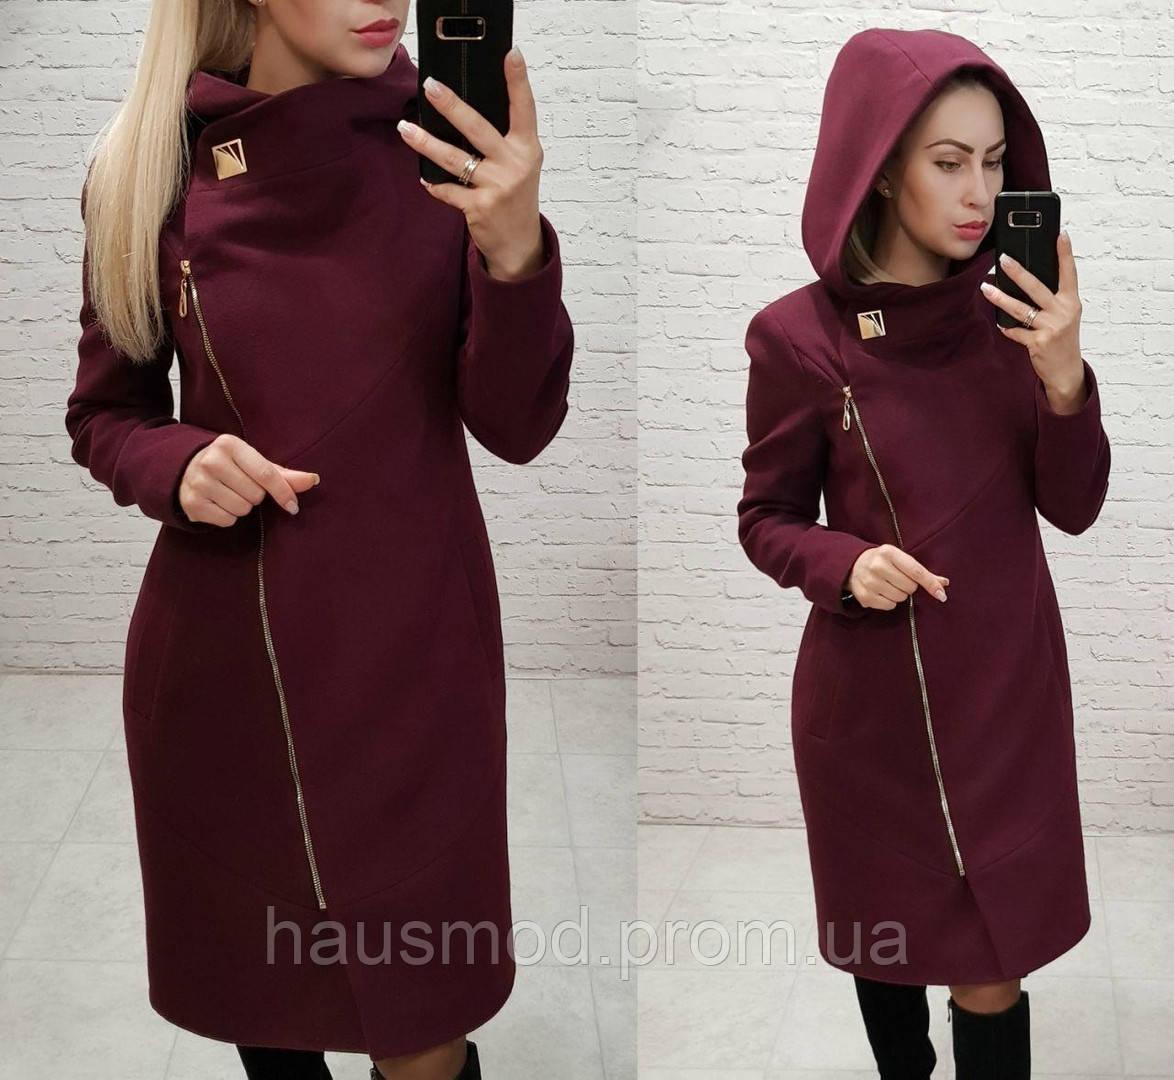 Новинка  стильное женское кашемировое пальто на молнии с капюшоном бордо 42 44 46 48